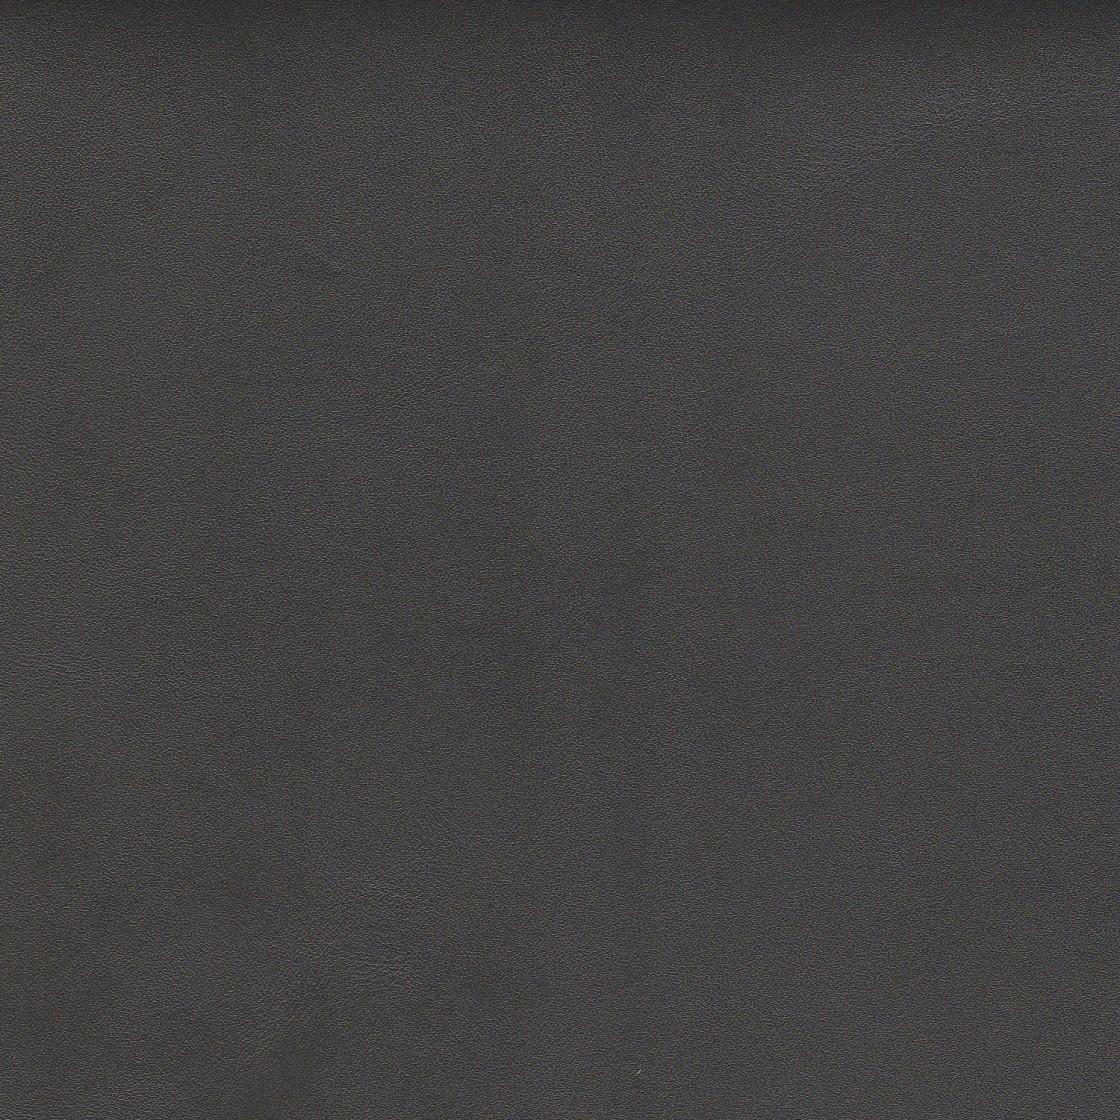 Antares 08/10 - 10/12 - 12/14 - Pleine fleur, 19 coloris, Lisse et perforé